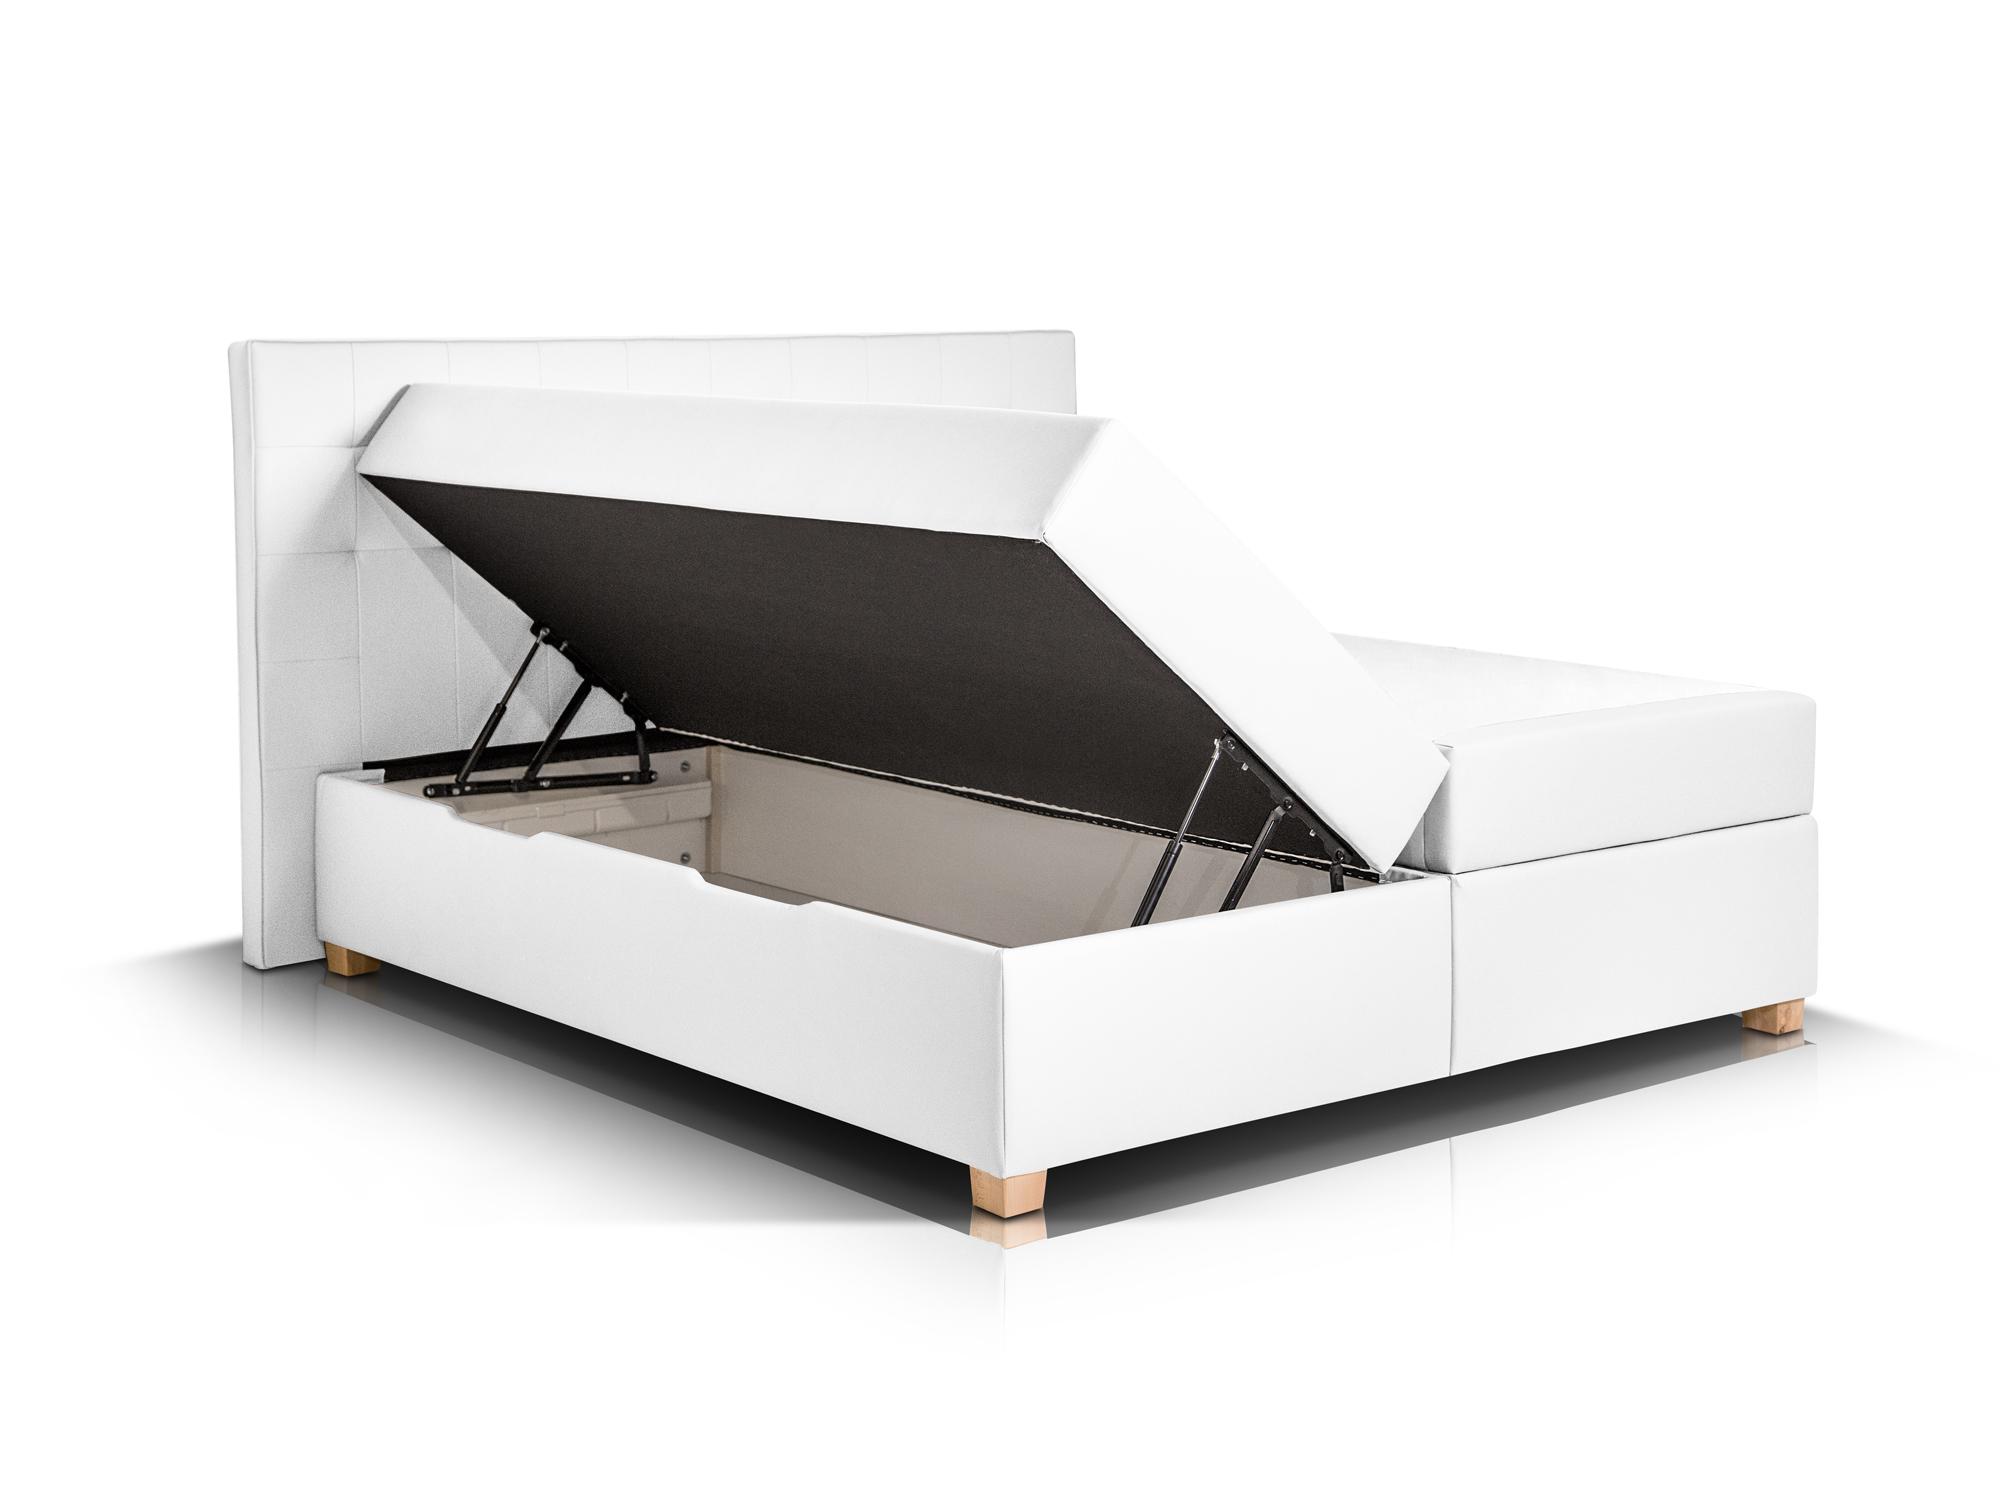 ida boxspringbett 200x200 doppelbett boxspring bett boxbett h3 wei bettkasten ebay. Black Bedroom Furniture Sets. Home Design Ideas